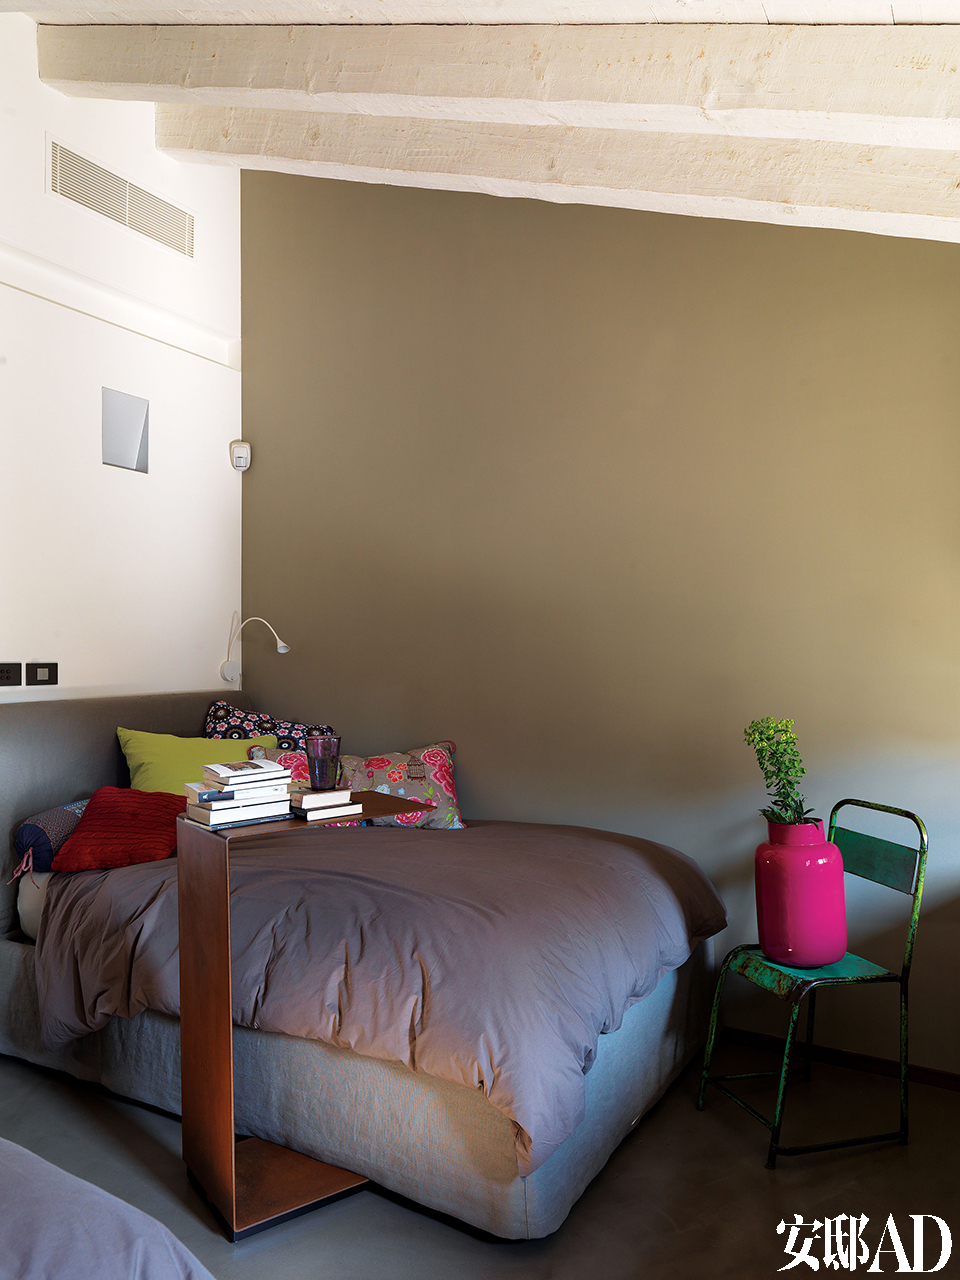 房间中应用了最新的远程控制技术不论哪位主人迈进房门,那一刻适合他的室温和照明都已在静静等候了。孩子们的卧室中,床上的Bed&Bath靠枕购自阿姆斯特丹的Studio Pip,金属座椅购自意大利卢加诺的Kasia。